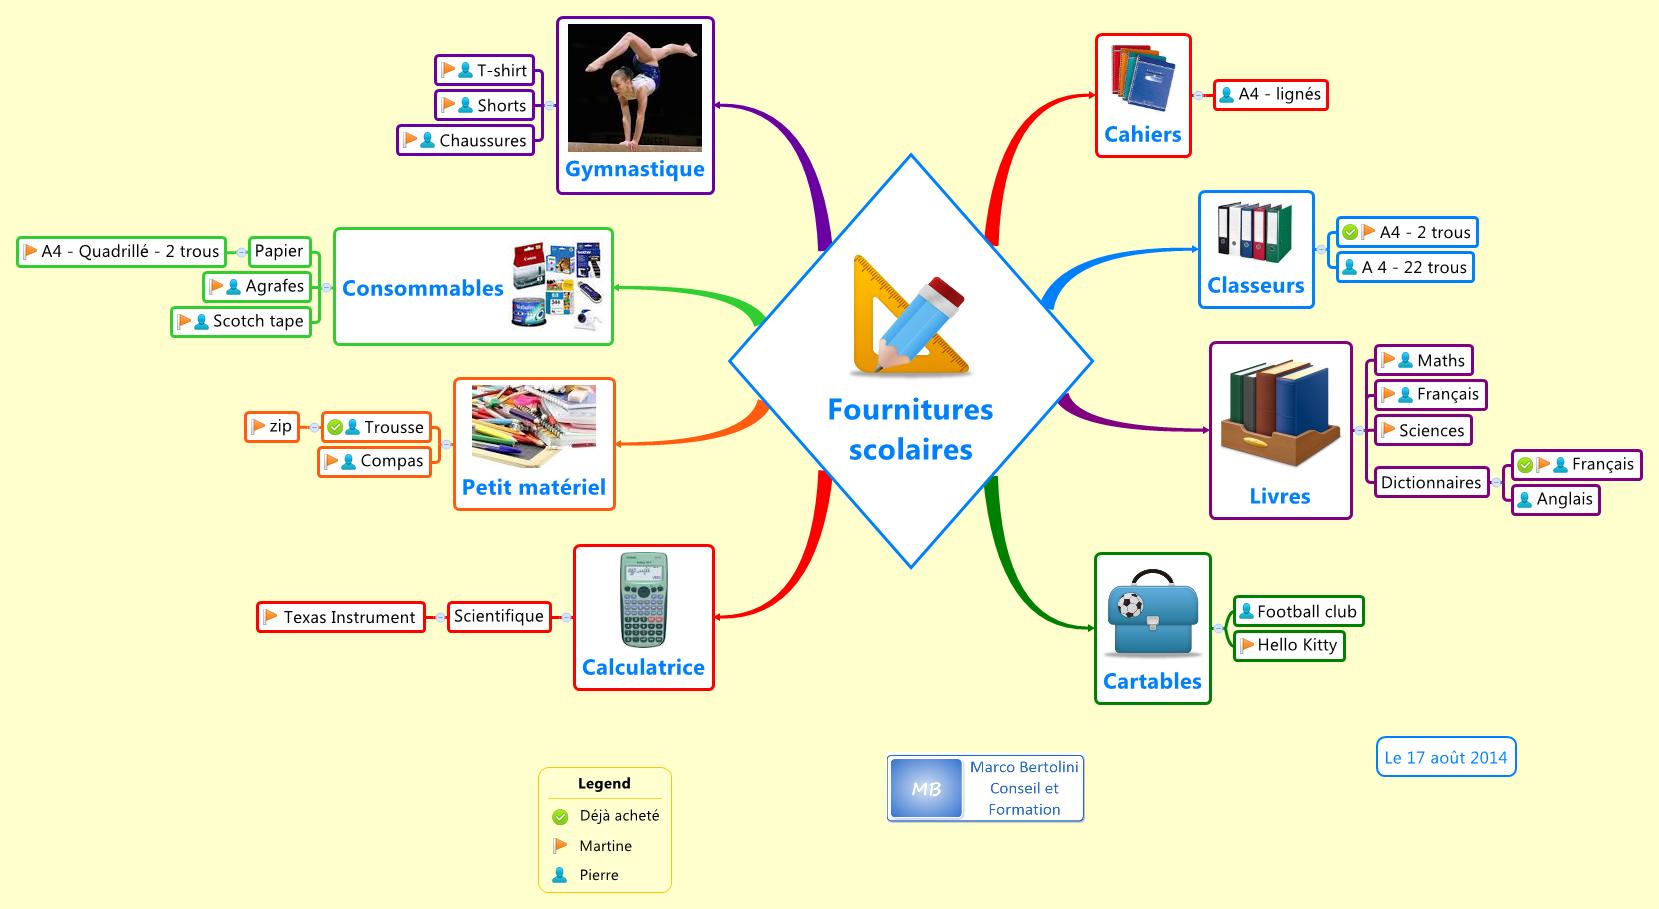 Favori Créez une liste de fournitures scolaires avec une mindmap XMind  RX29